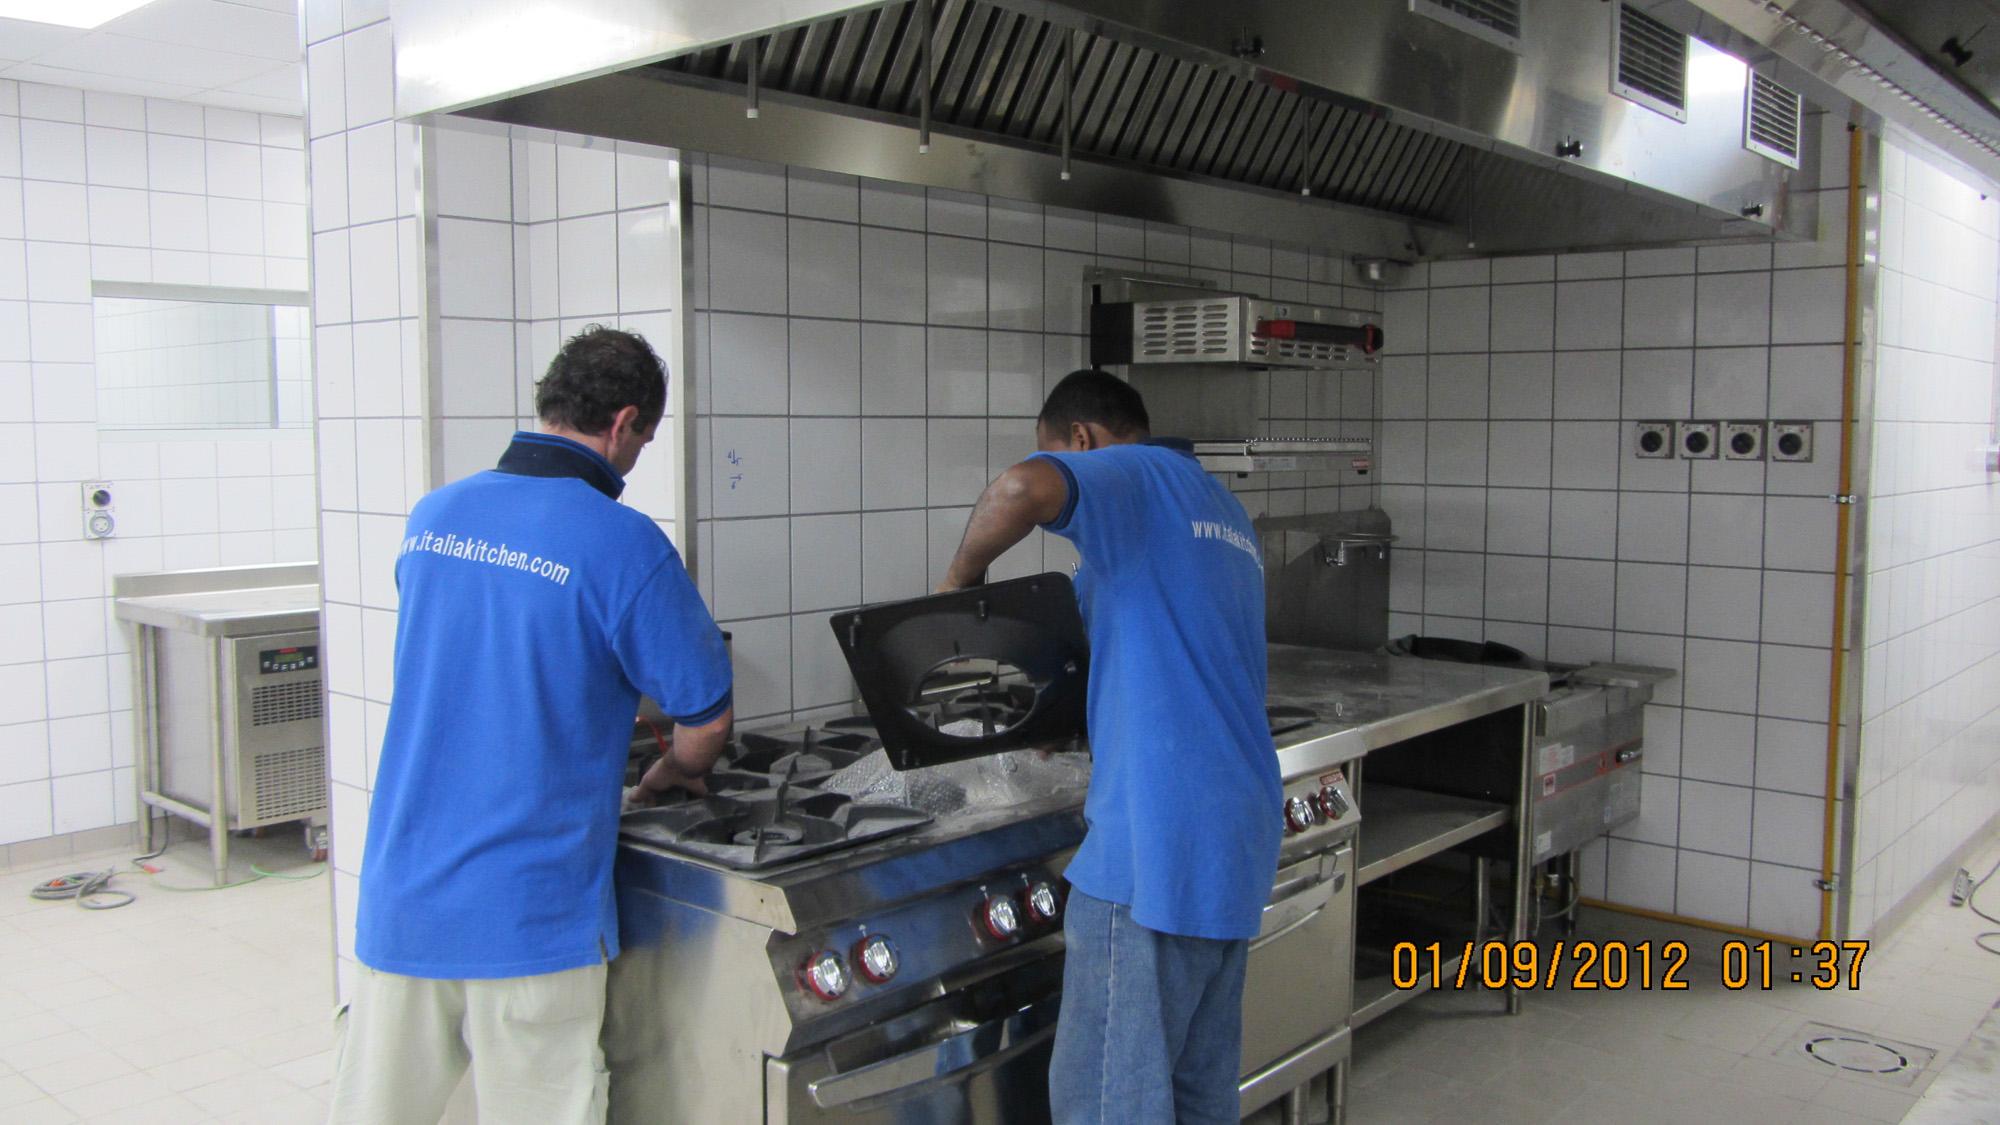 Italia_kitchen_-st.regis-3